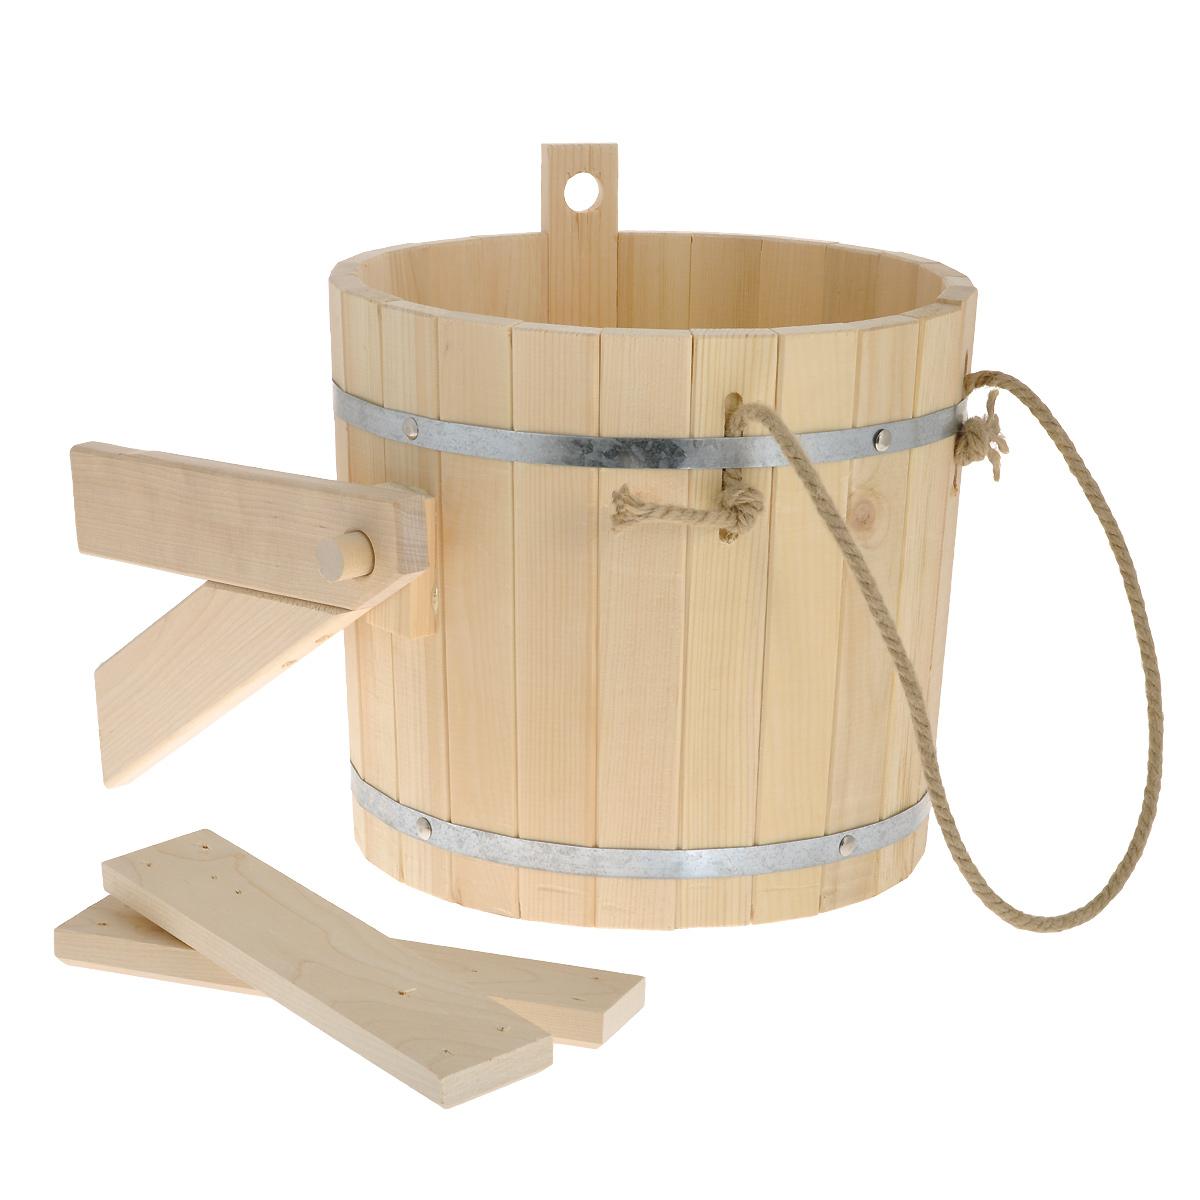 Обливное устройство Доктор баня, 16 л904937Обливное устройство Доктор баня состоит из деревянной емкости, двух кронштейнов и впускного клапана для воды. Обливное устройство изготовлено из деревянных шпунтованный клепок, склеенных между собой водостойким клеем и стянутых двумя обручами из нержавеющей стали. Внутри и снаружи устройство покрыто экологически безопасной мастикой на основе природного воска, который обеспечивает высокую степень защиты древесины от воздействия воды. Обливное устройство может монтироваться как к стенам, так и к потолку помещения. Обливное устройство предназначено для контрастного обливания после высоких температур парной в банях и саунах. Обливные устройства используются как внутри бани, так и снаружи. Рекомендуется периодически проверять прочность узловых соединений и надежность крепления к стене.